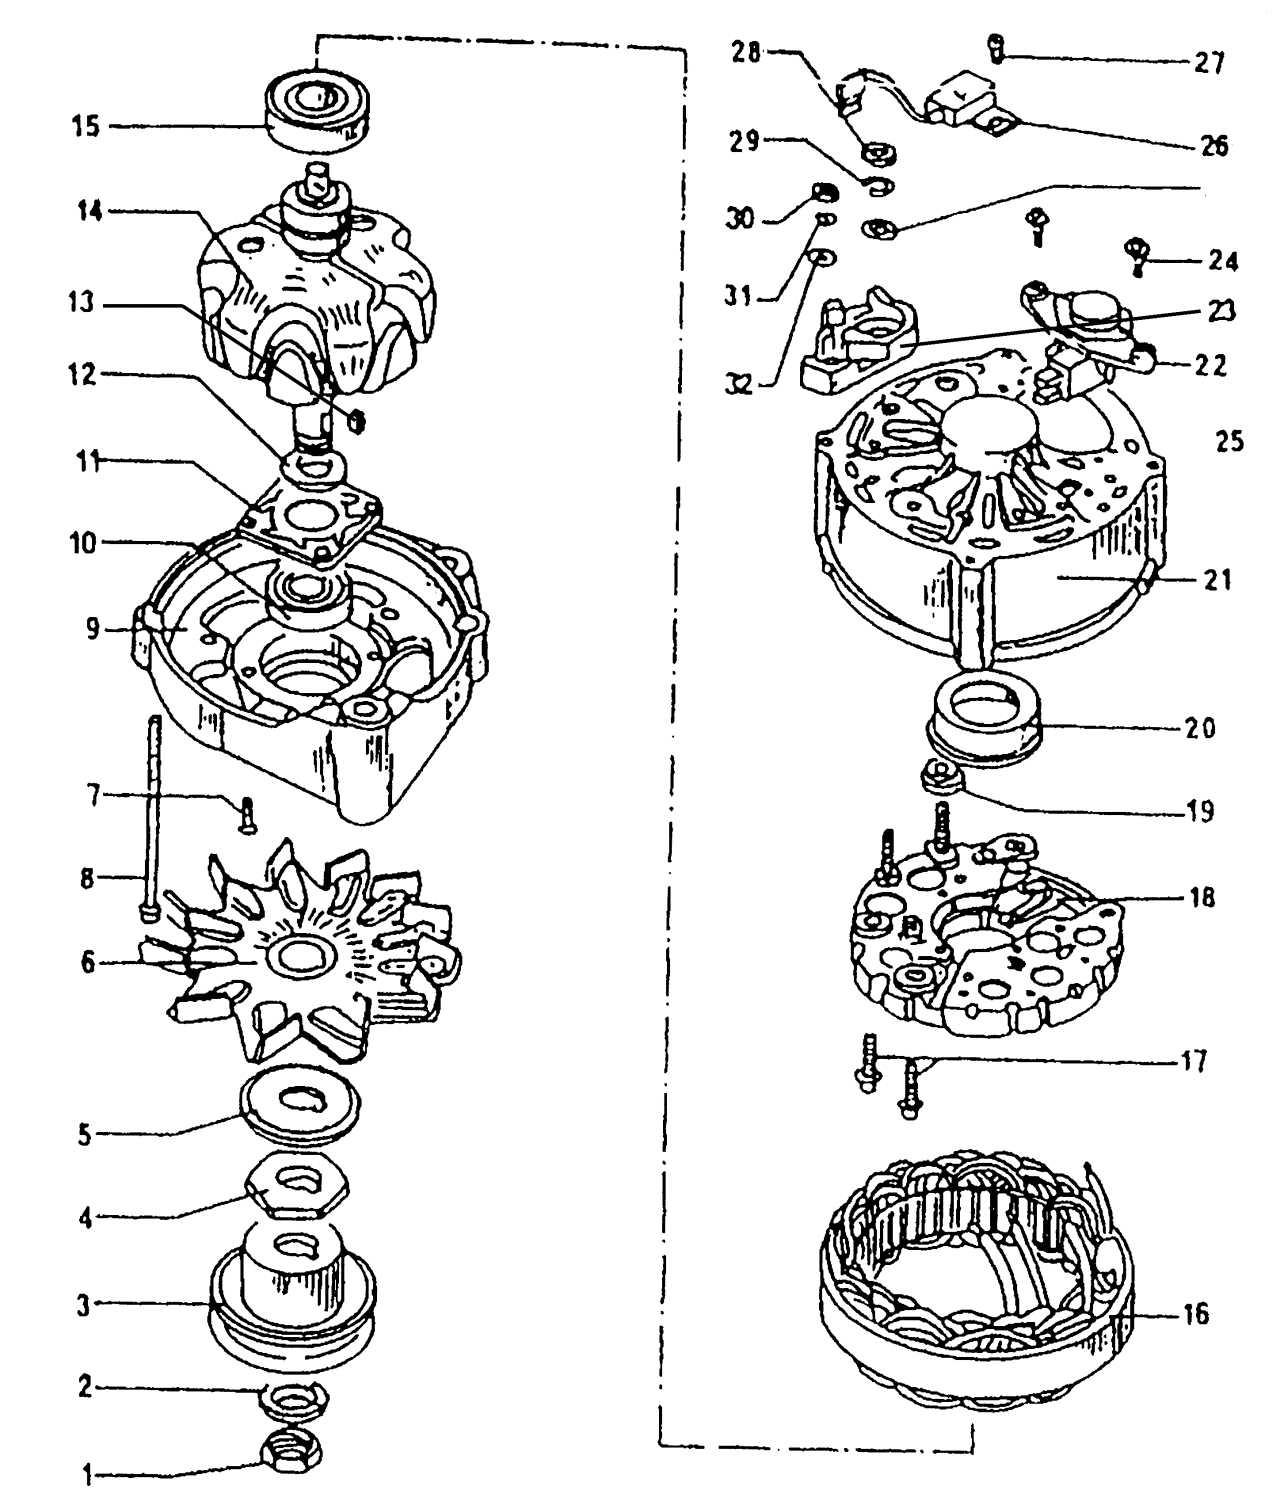 Устройство генератора переменного тока фирмы Bosch: 1 - гайка, 50 Н·м; 2 - шайба; 3 - шкив; 4 - упорная шайба; 5...